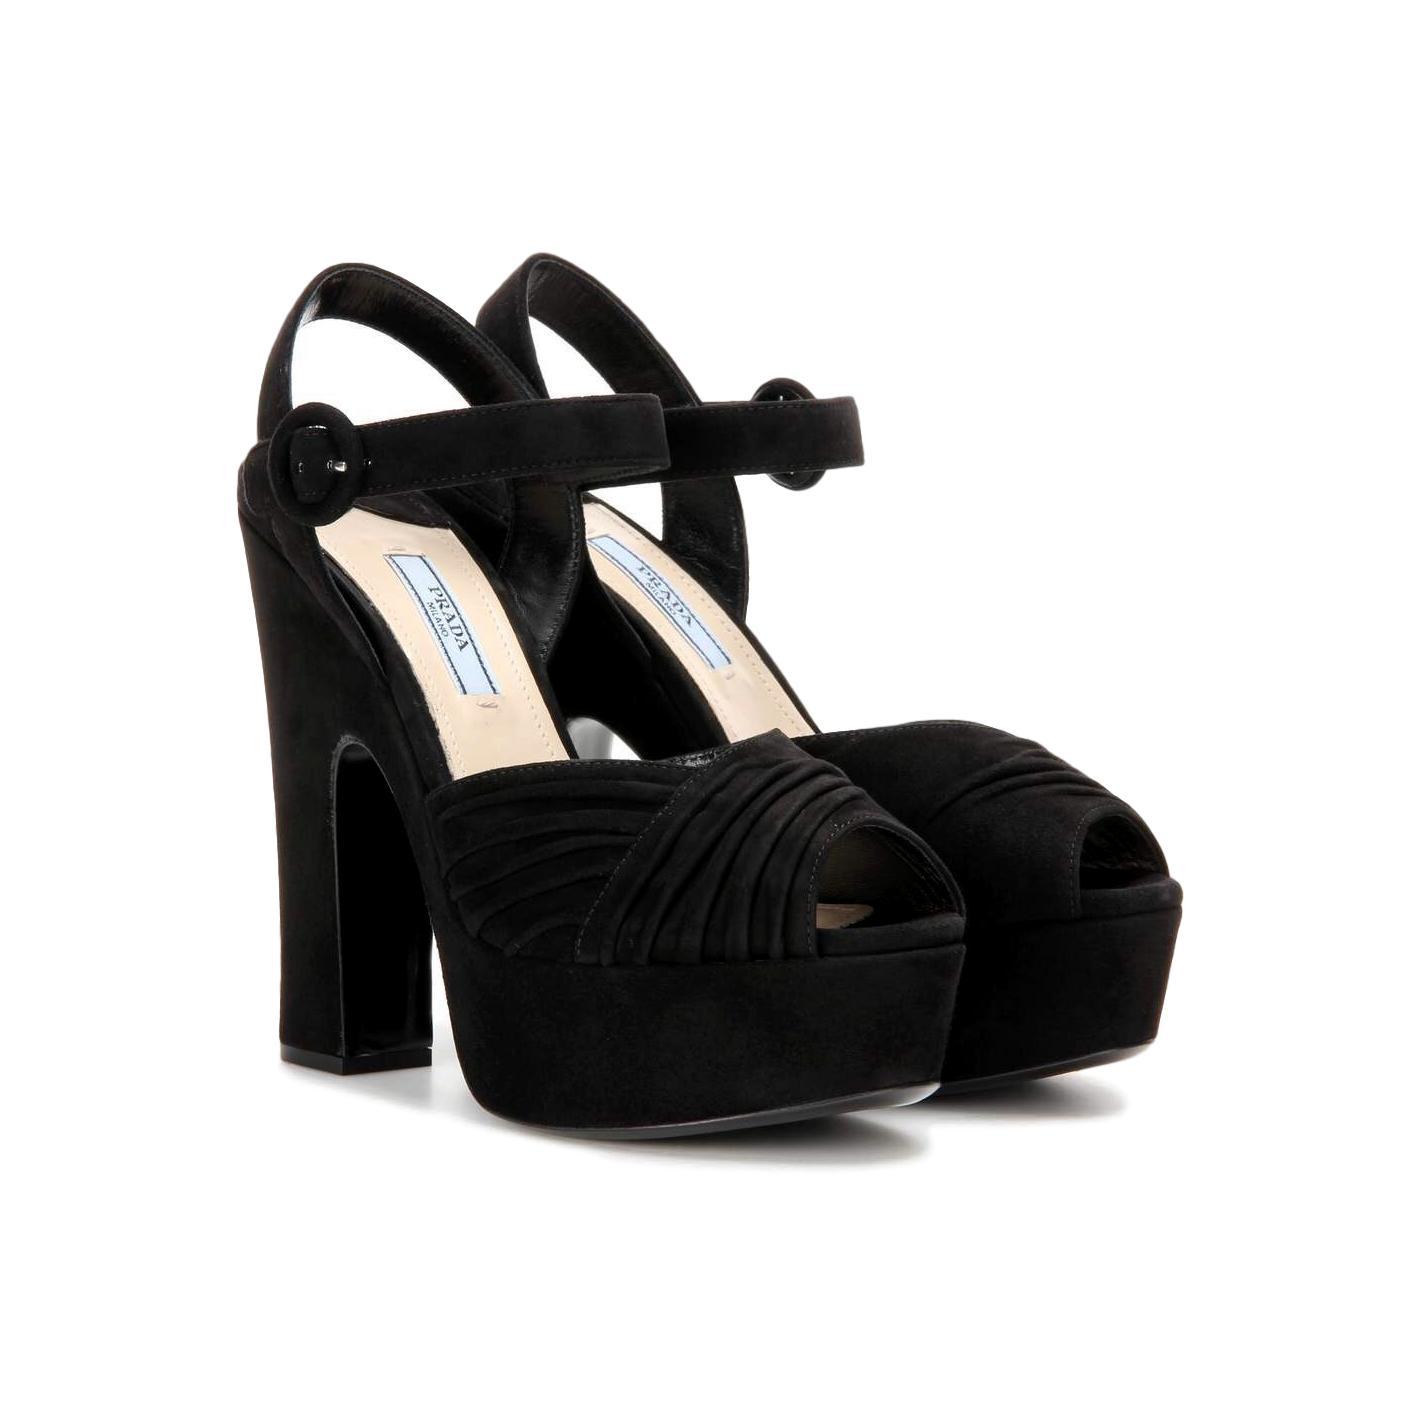 Купить босоножки Prada за 40000 руб. в интернет магазине - бутике с ... b2c42a356ac